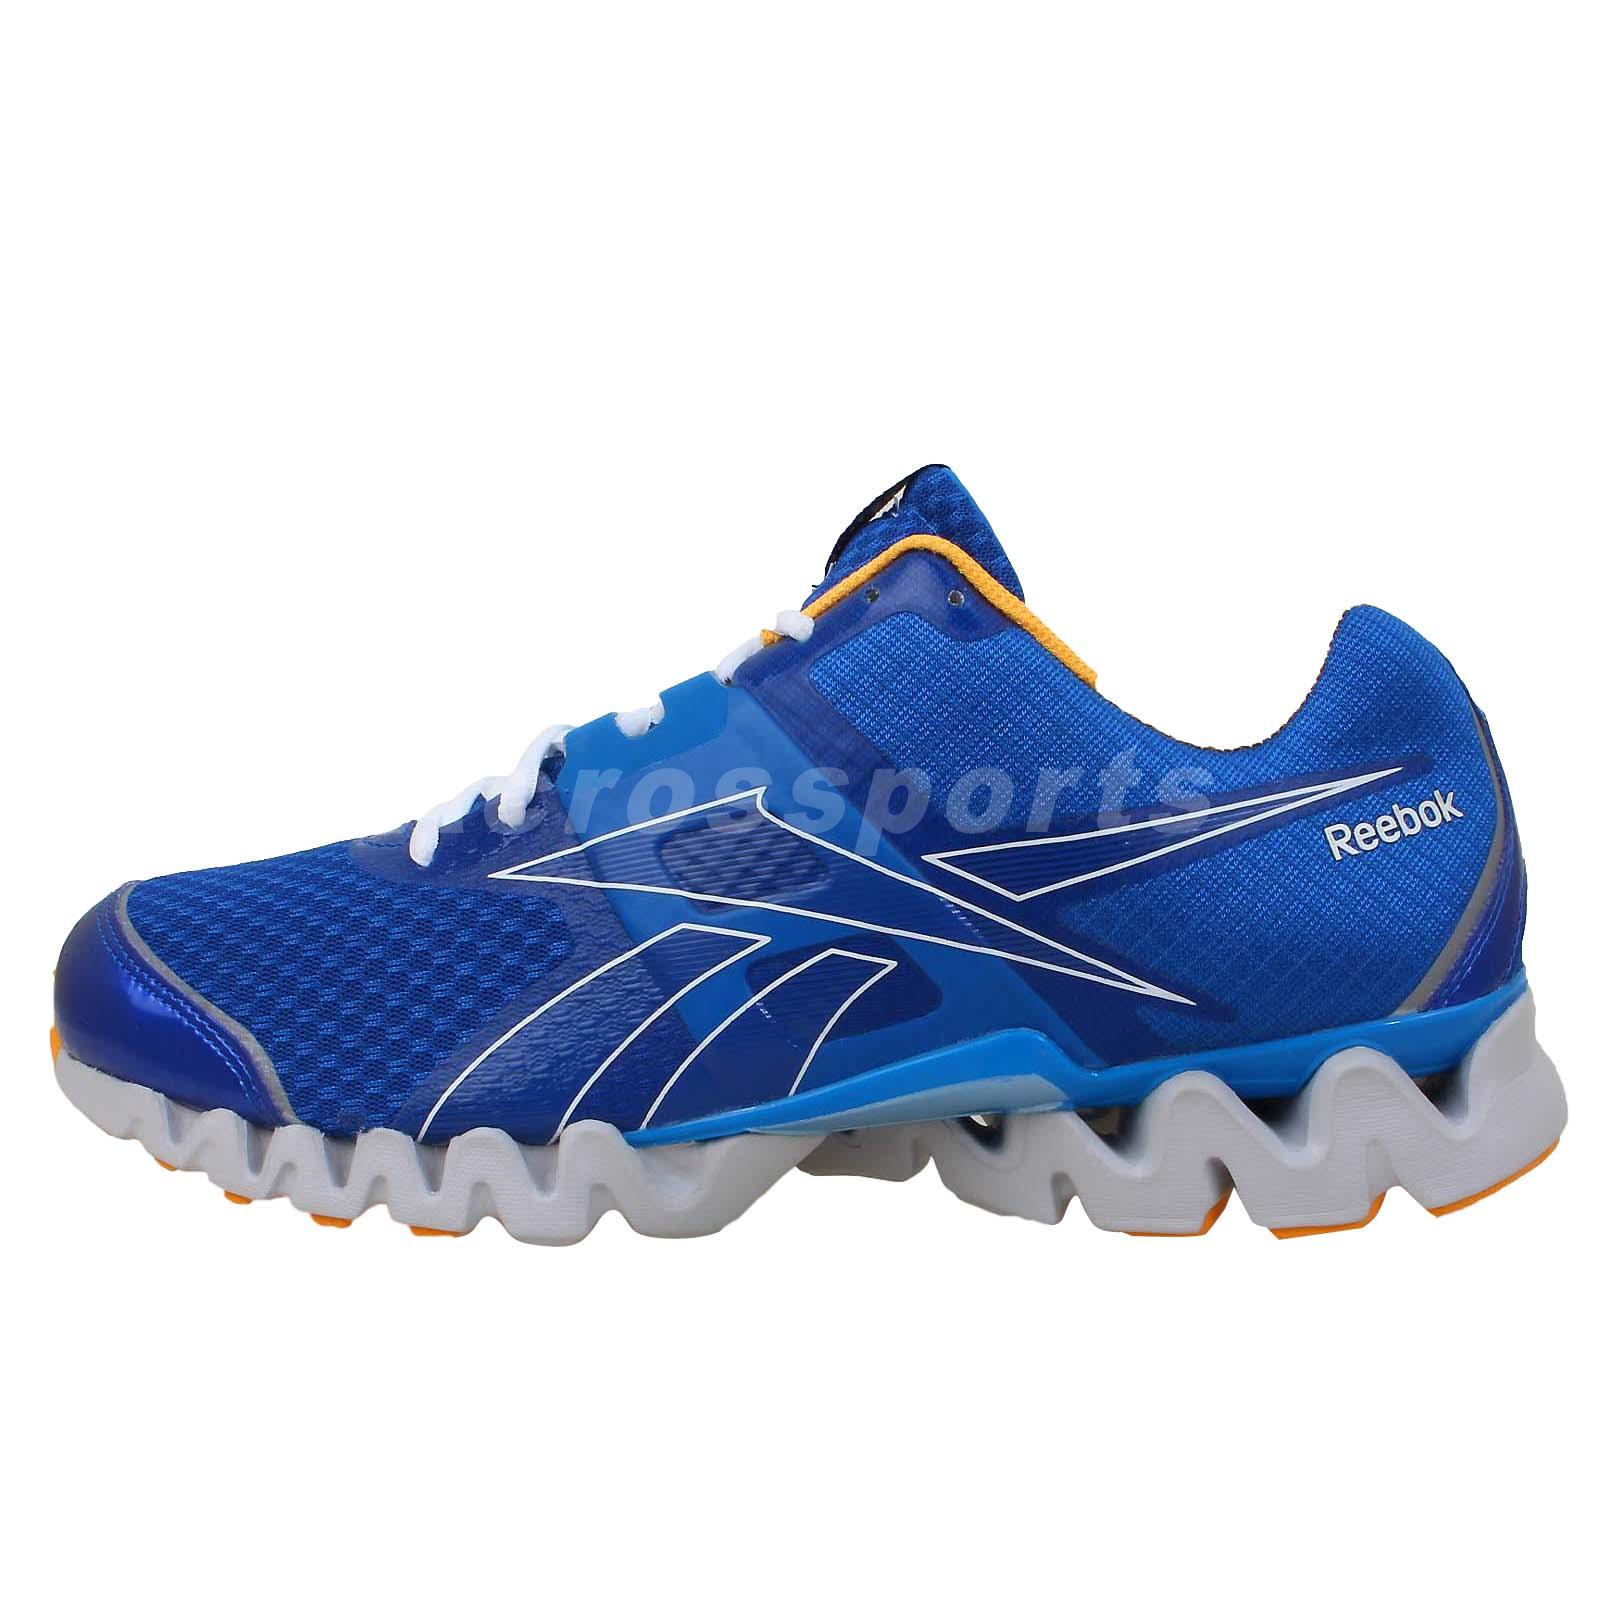 Reebok Running Shoes 2013 Reebok Zigtech 3.0 201...